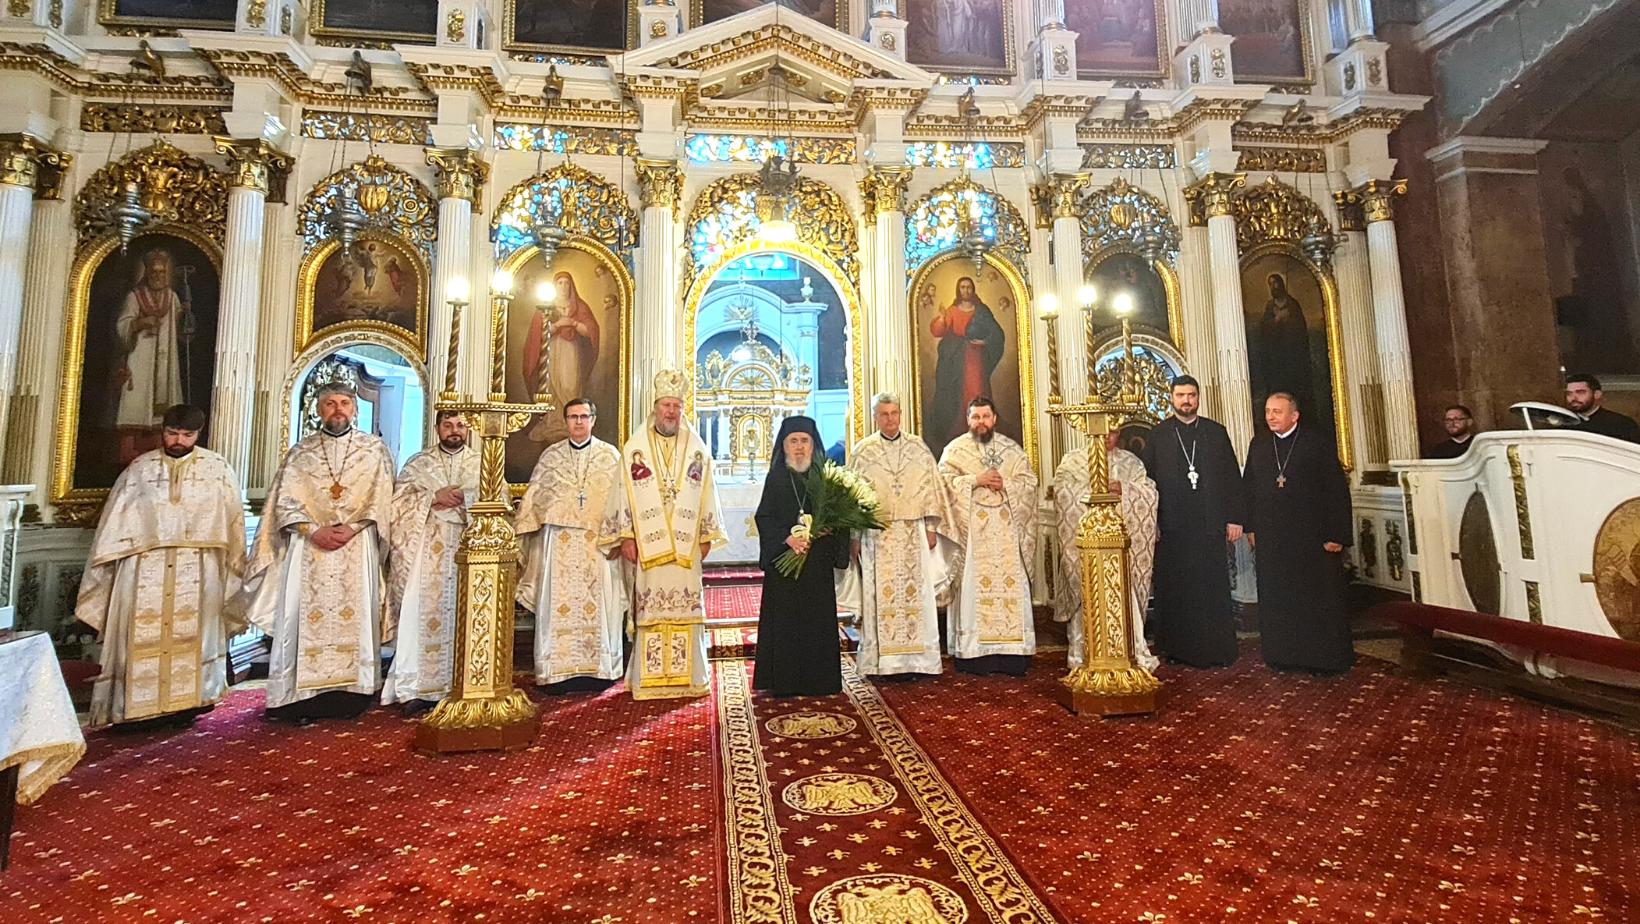 Sărbătoare în Cetate! ÎPS Timotei, sărbătorit la împlinirea a 85 de ani: Liturghie Arhierească, Te Deum și lansare de carte